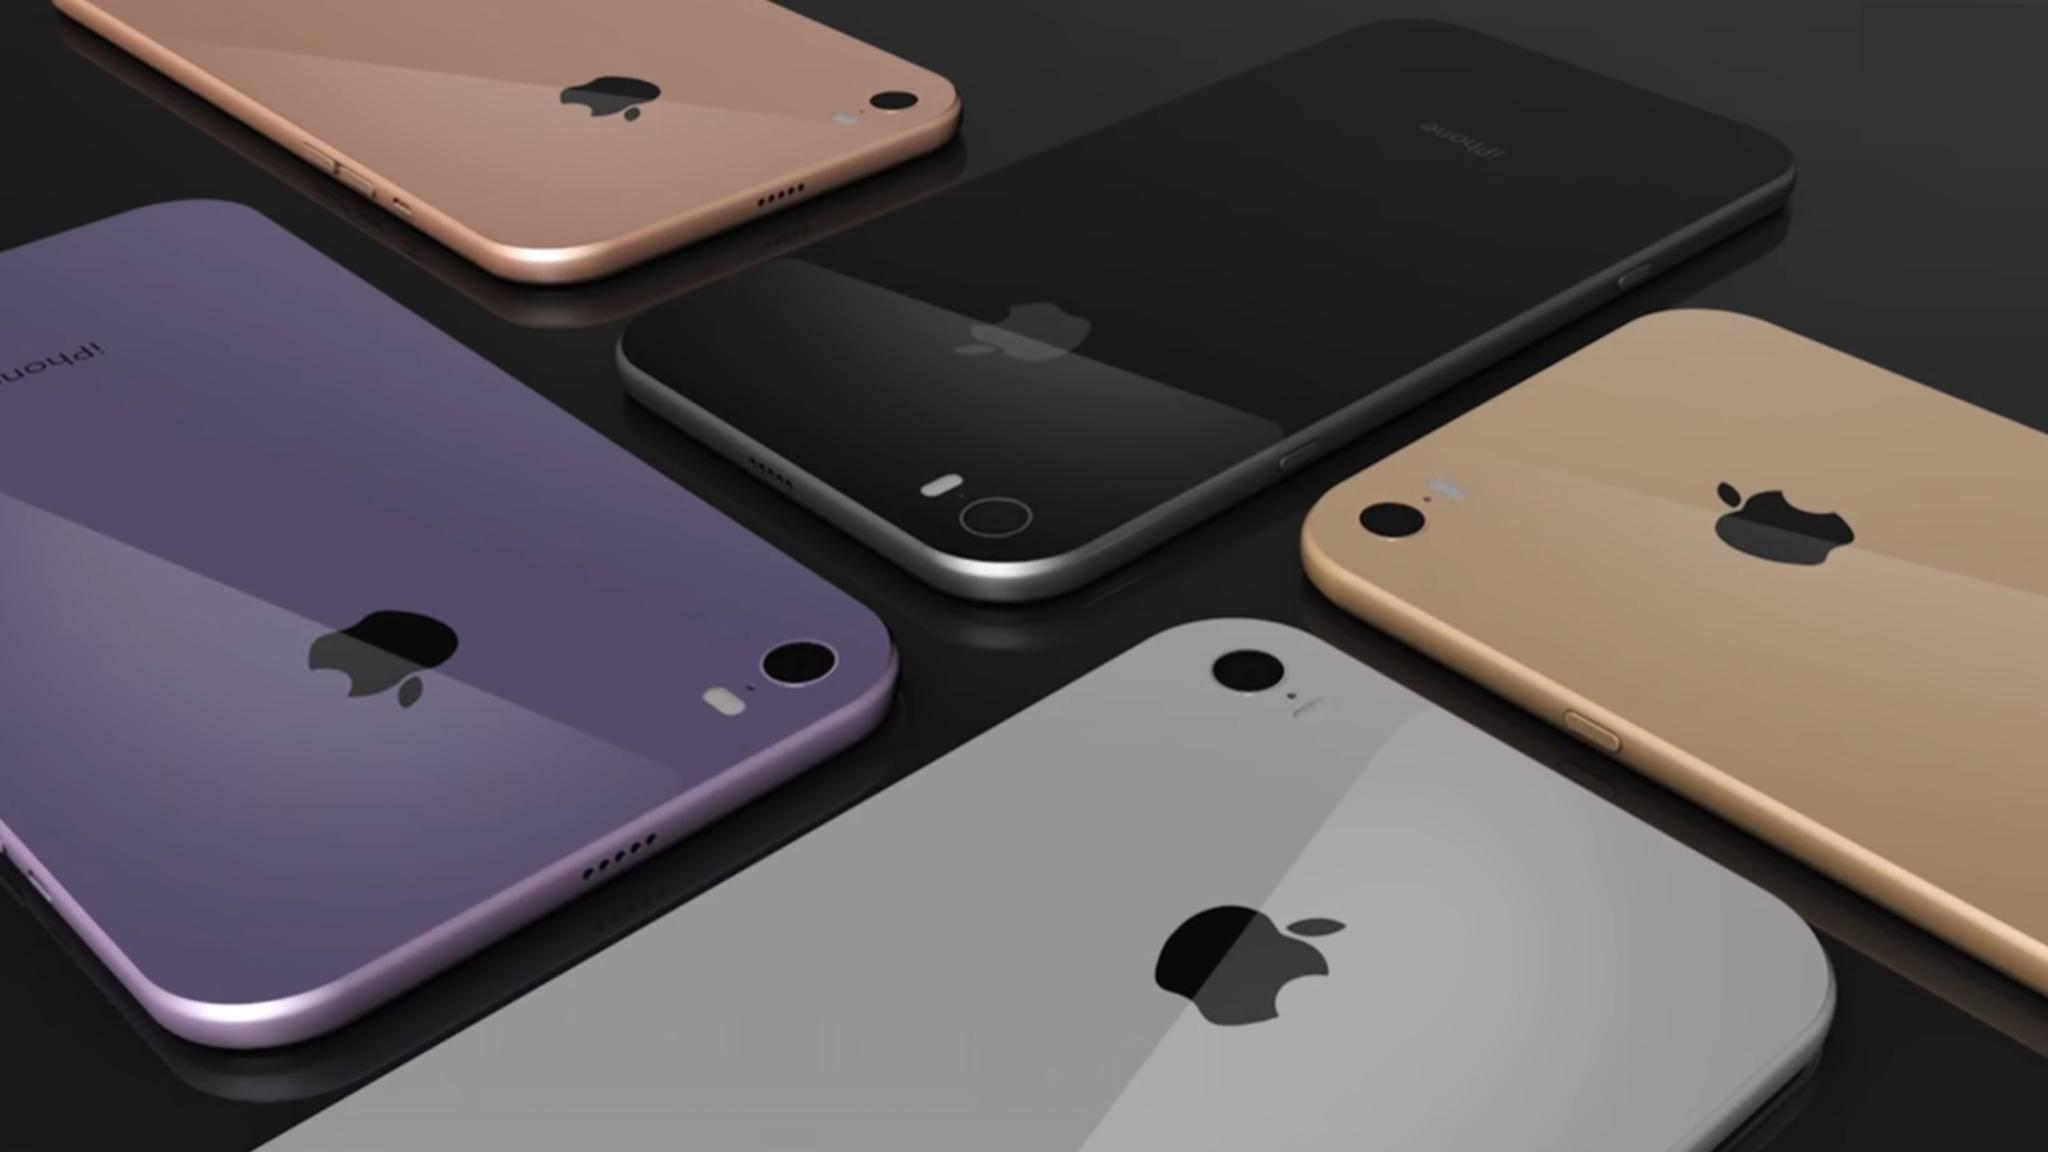 Das iPhone 8 soll angeblich auch in einer Dual-SIM-Version in China erscheinen.